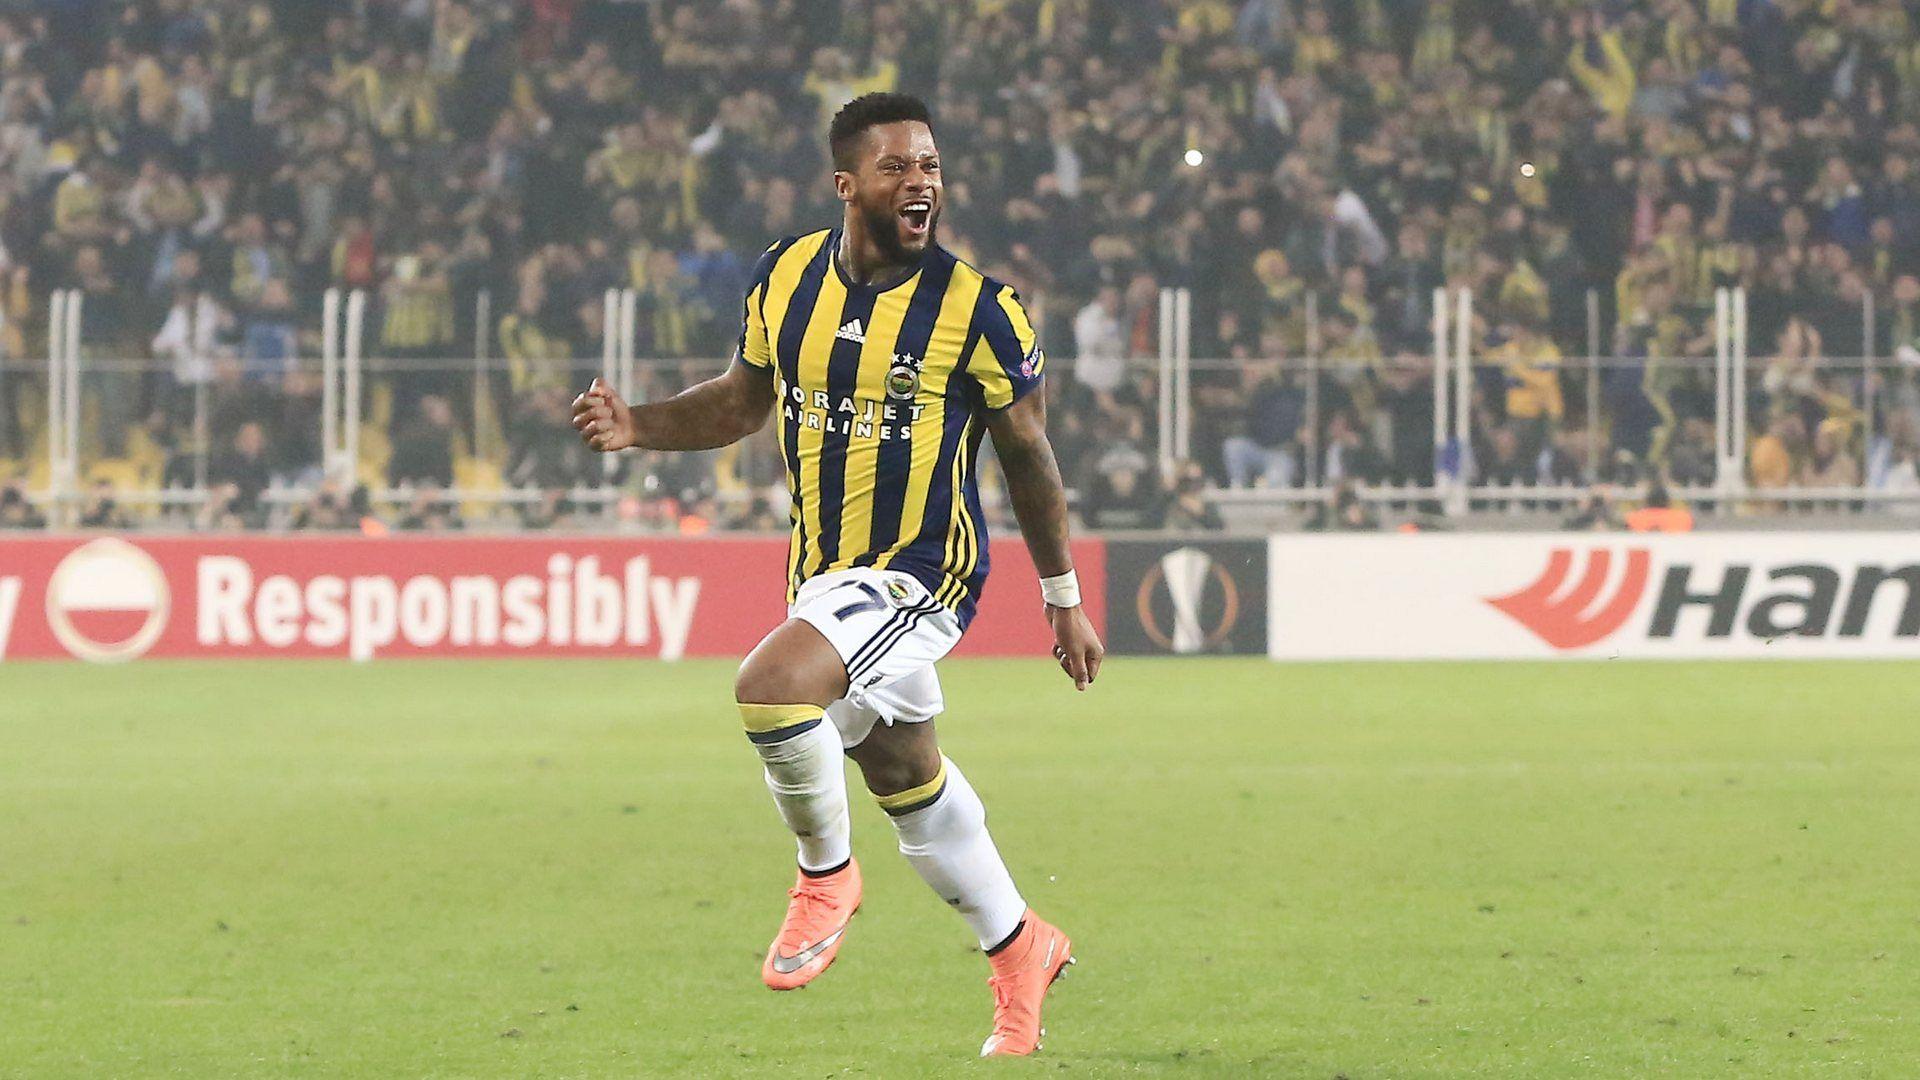 Lens Fenerbahçe Hd 1437149 Hd Wallpaper Backgrounds